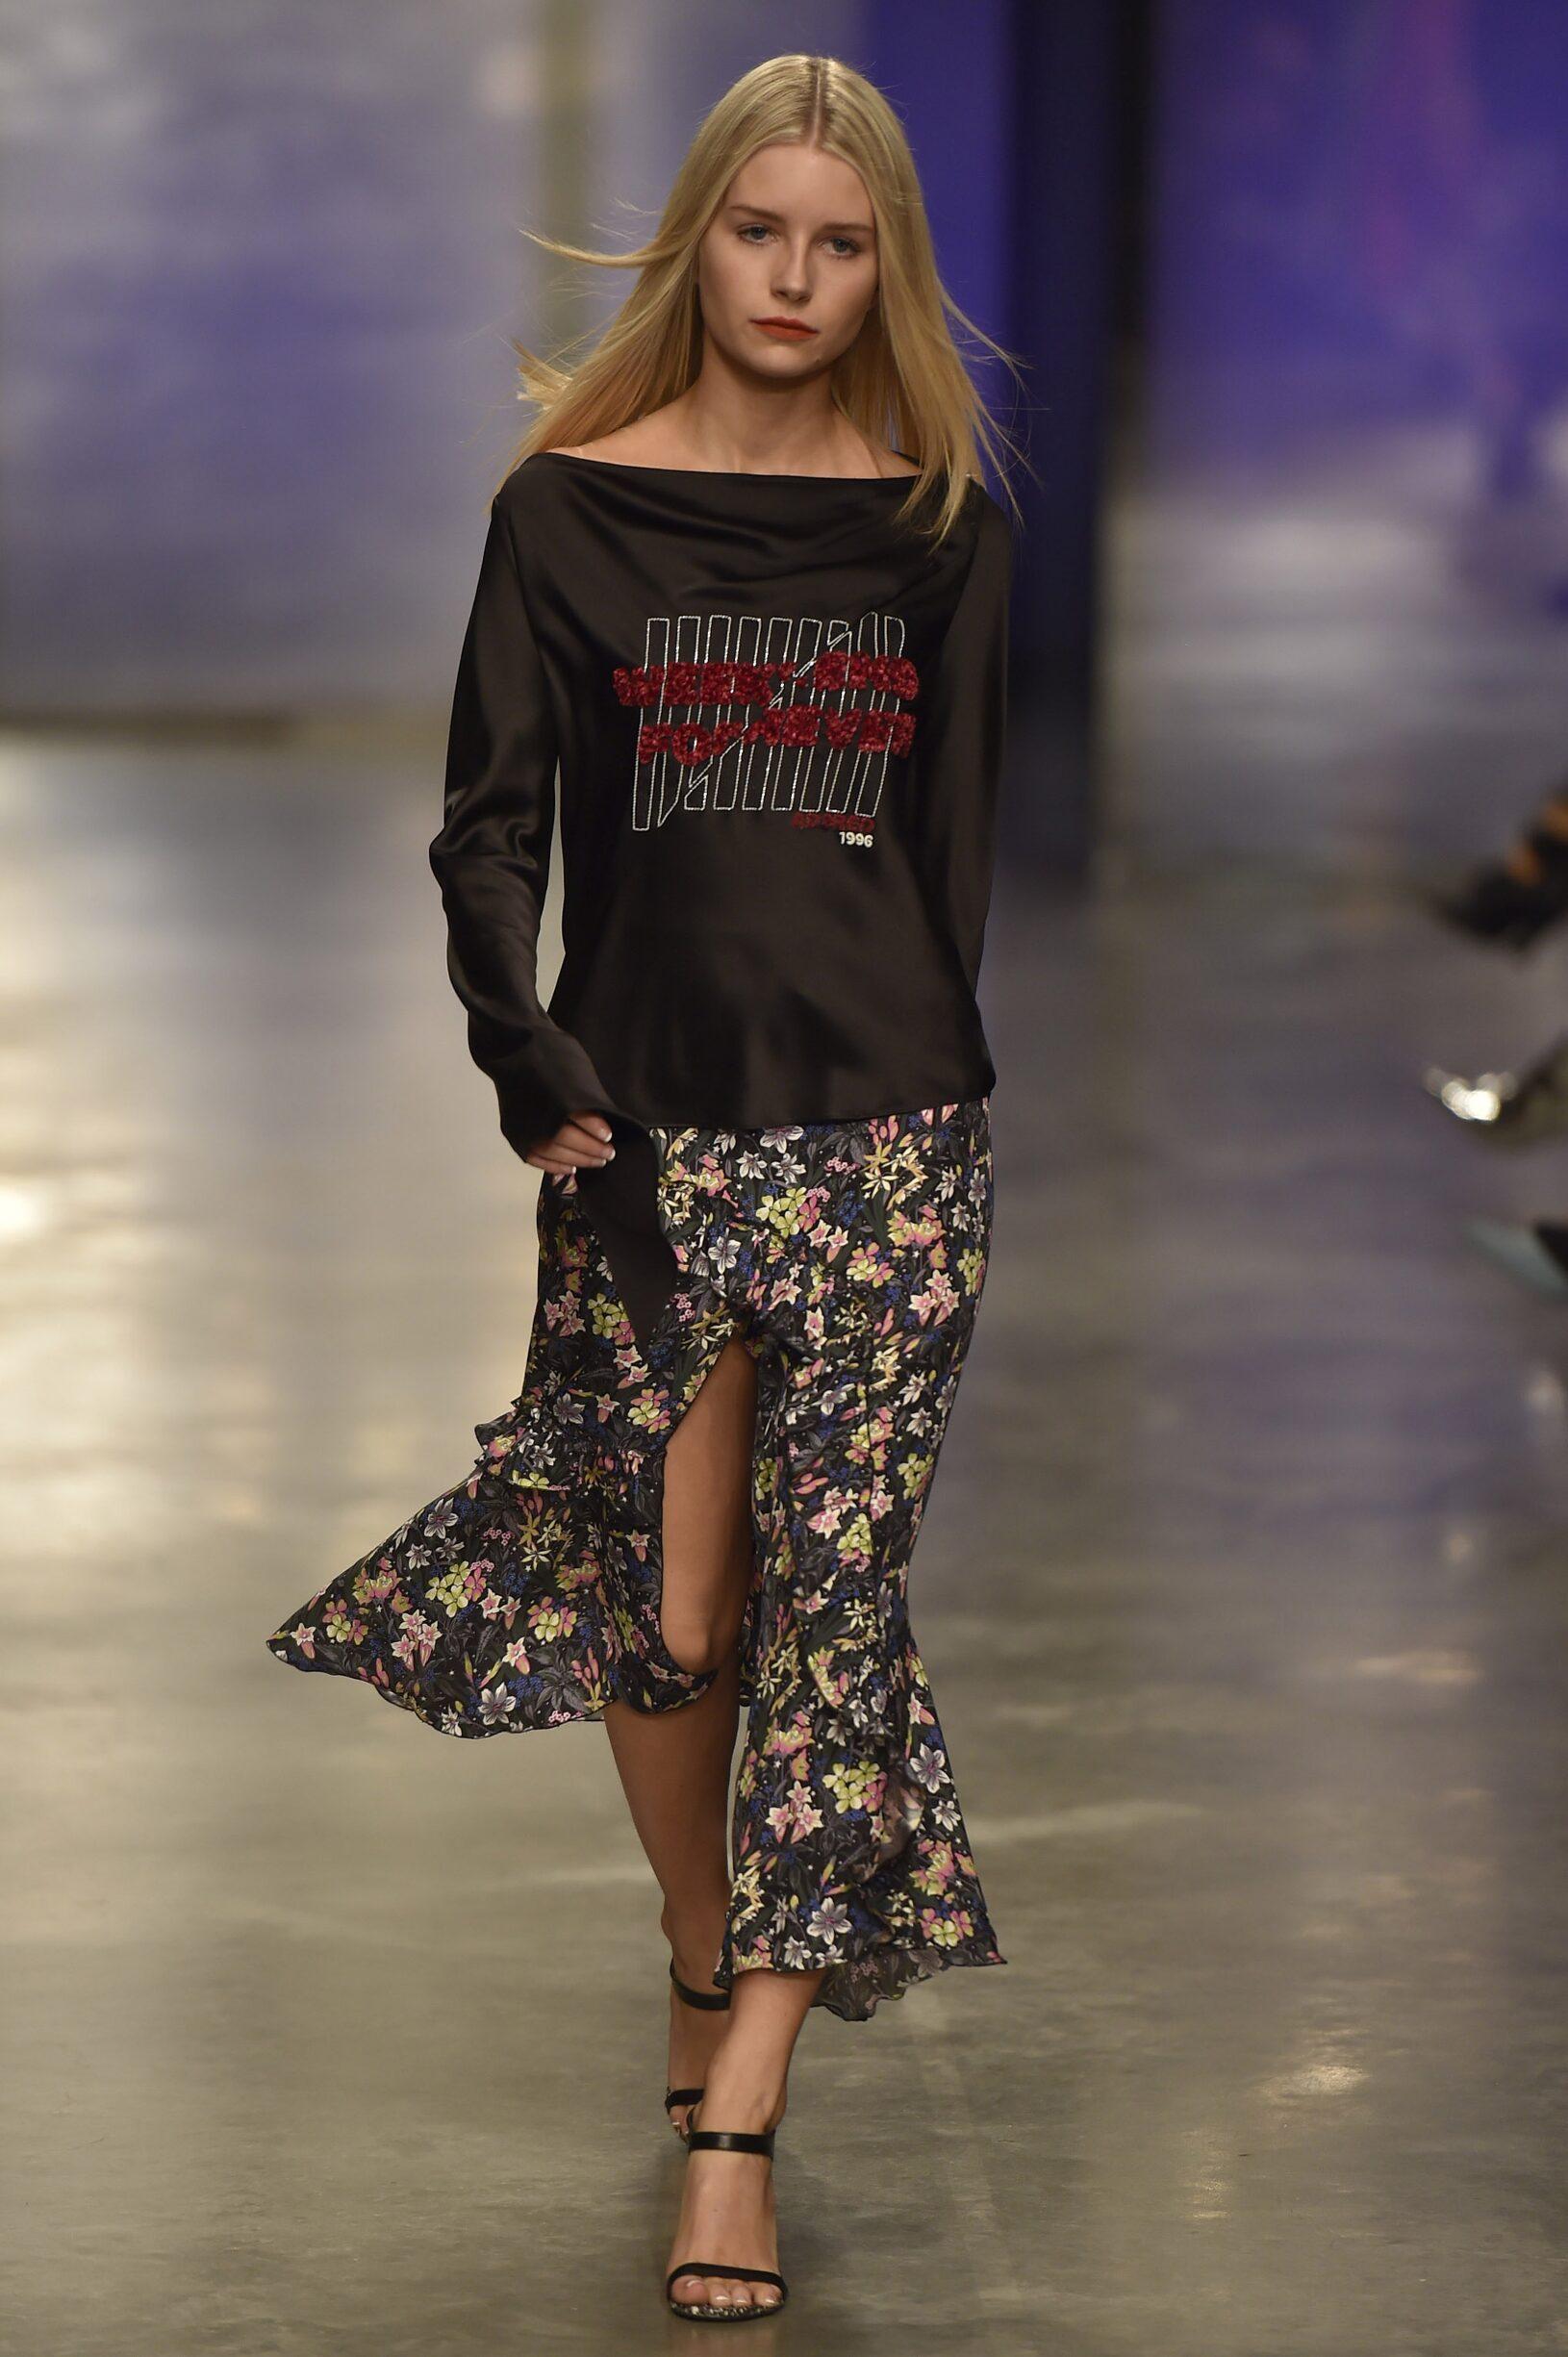 Fashion Woman Model Topshop Unique Catwalk 17-18